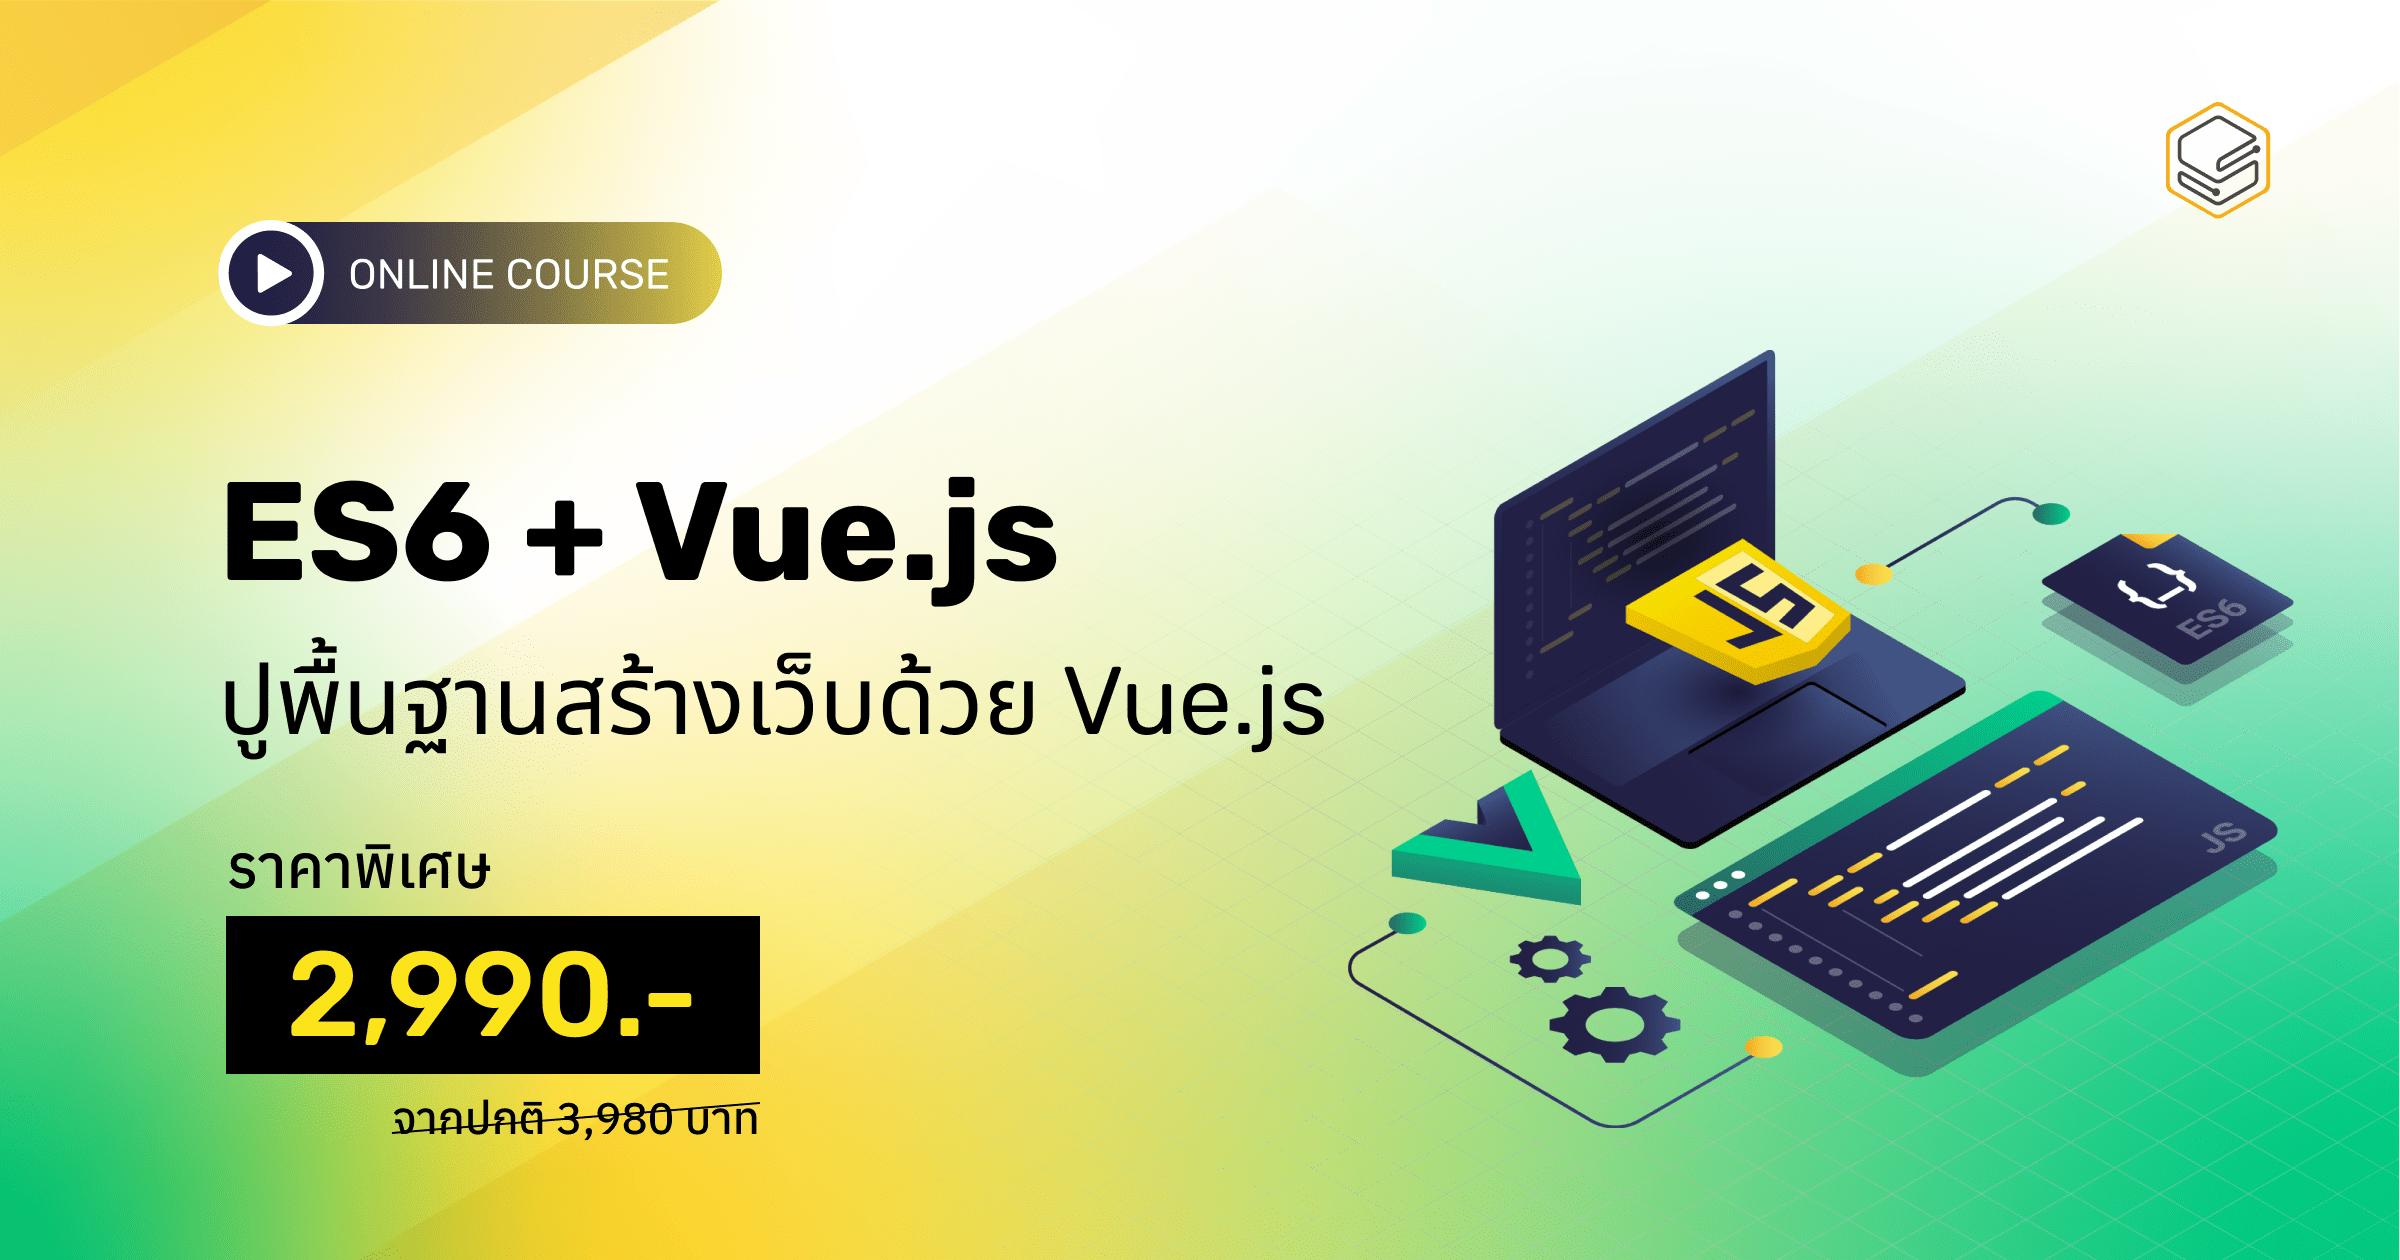 ปูพื้นฐาน ES6 และสร้างเว็บไซต์ด้วย Vuejs   Skooldio Bundle: JavaScript ES6 + Vuejs Bundle